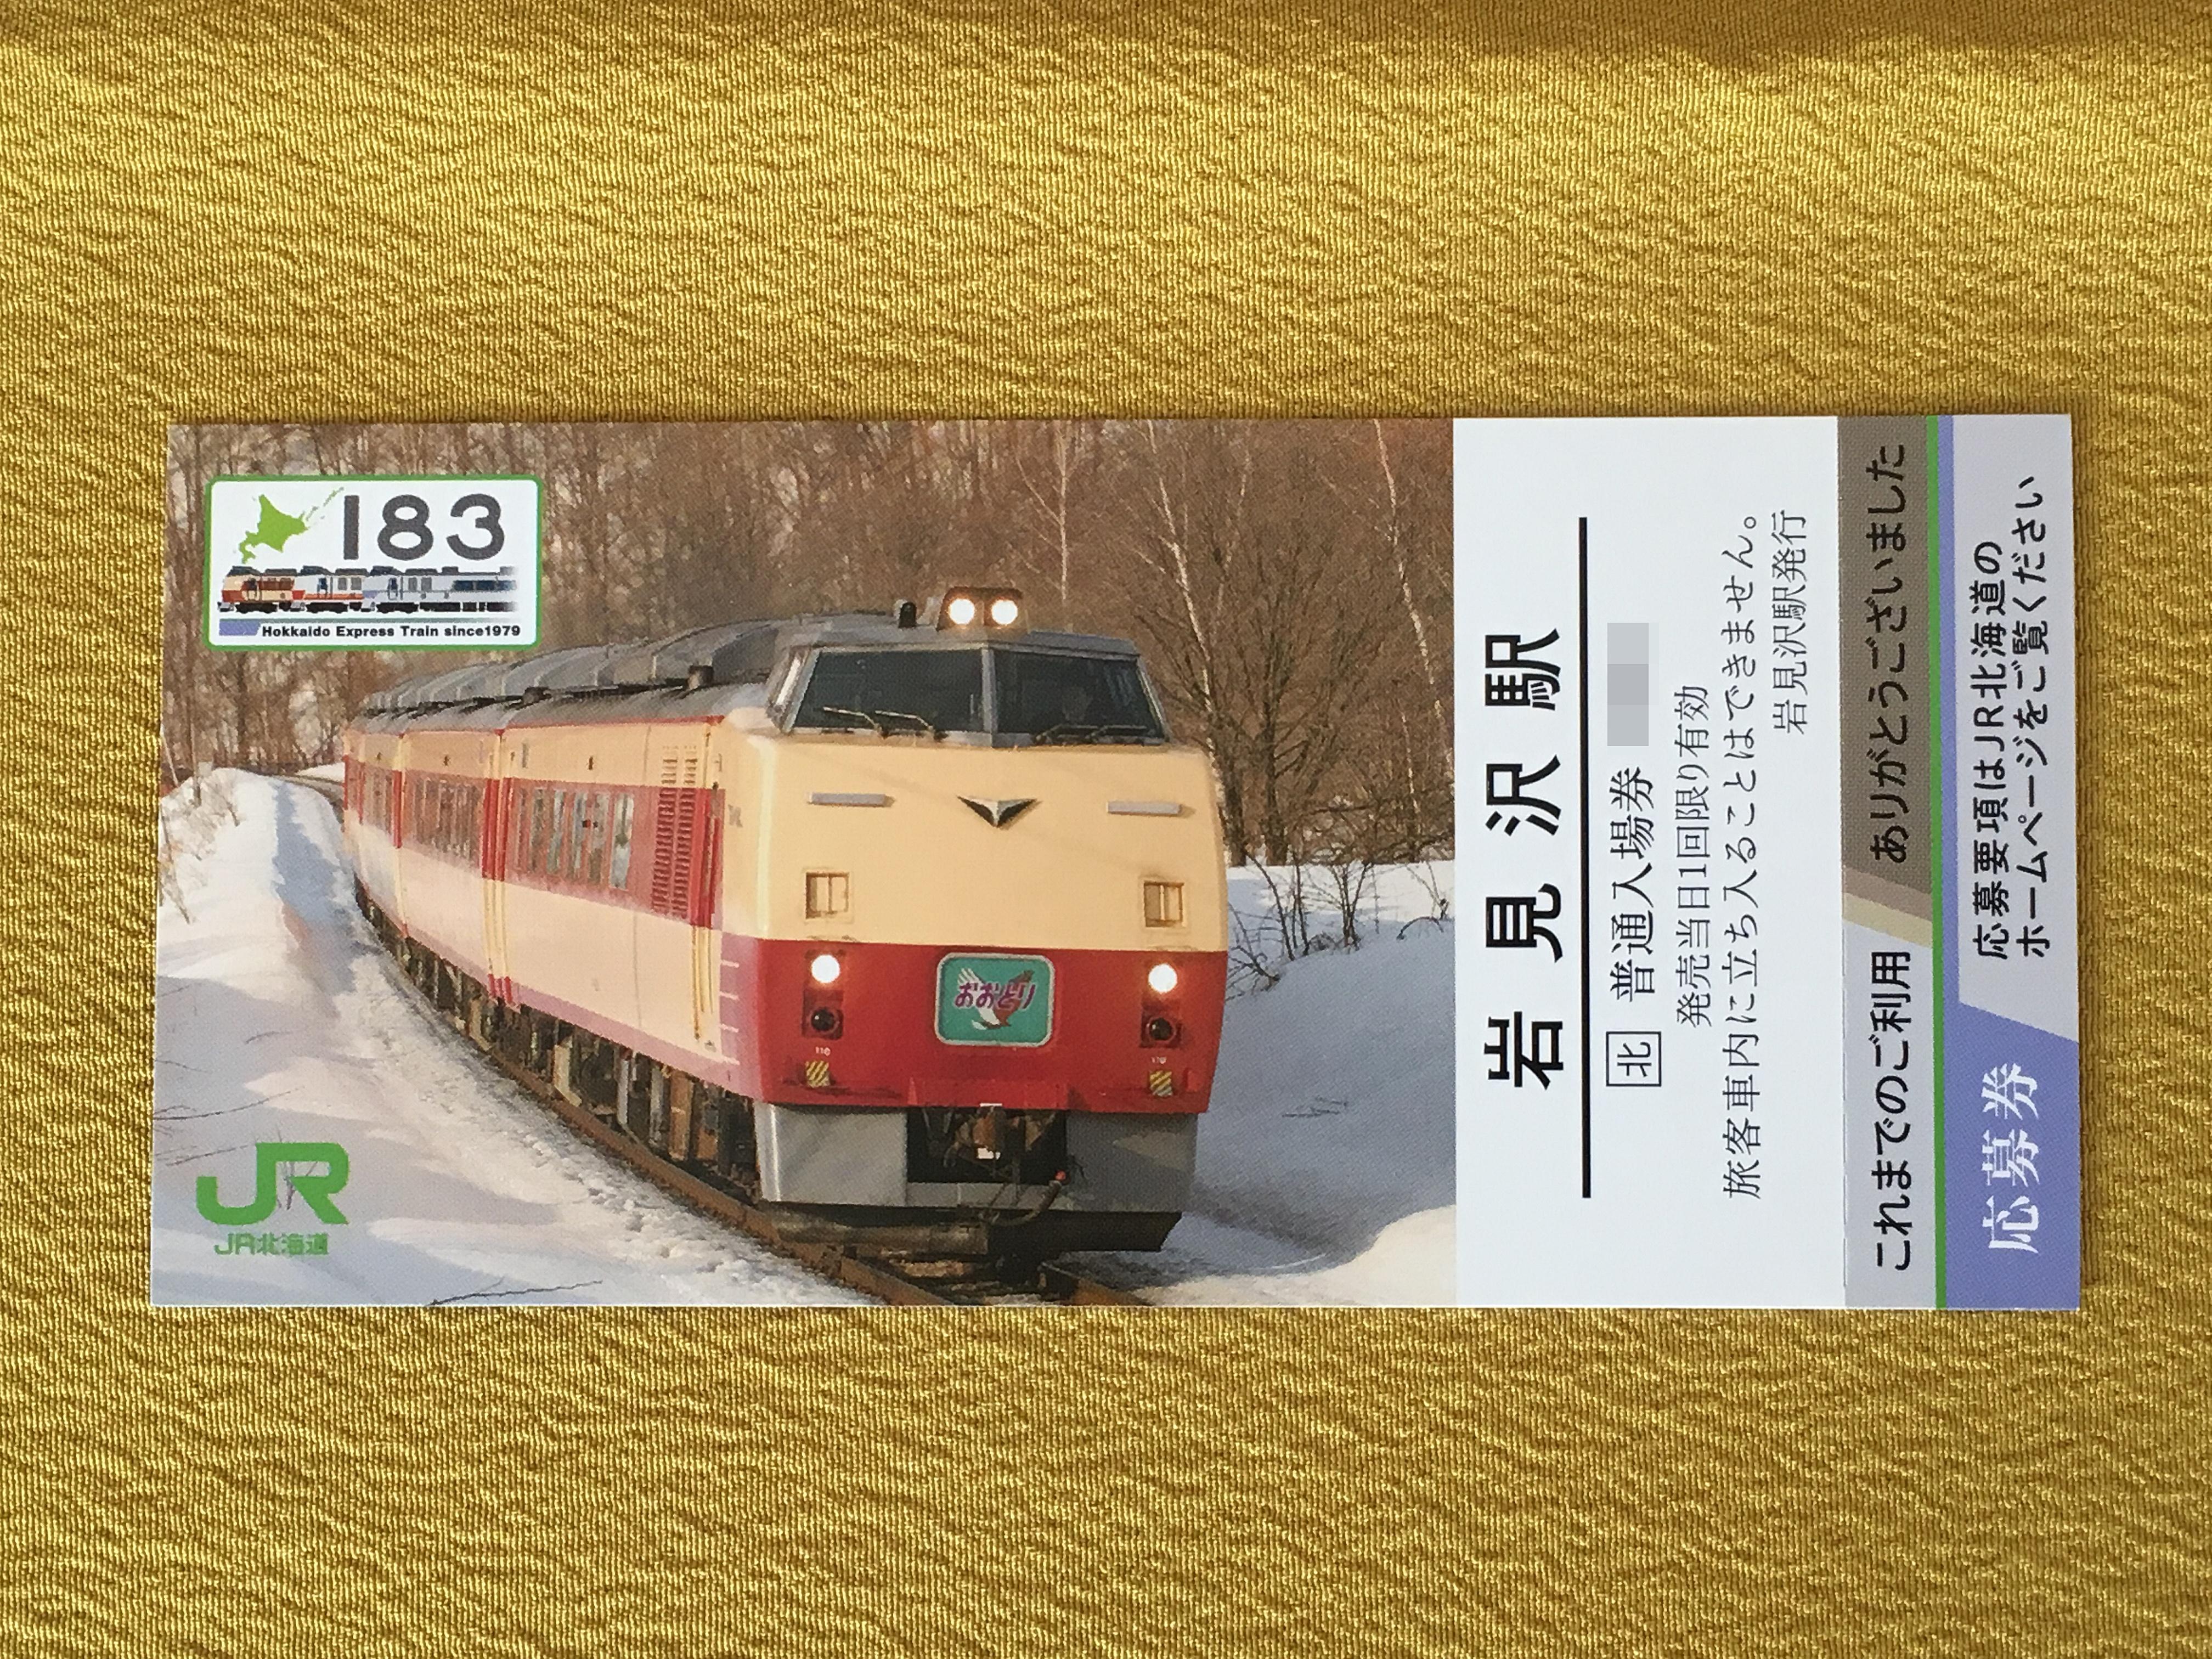 キハ183-0系記念入場券 岩見沢駅表.JPG